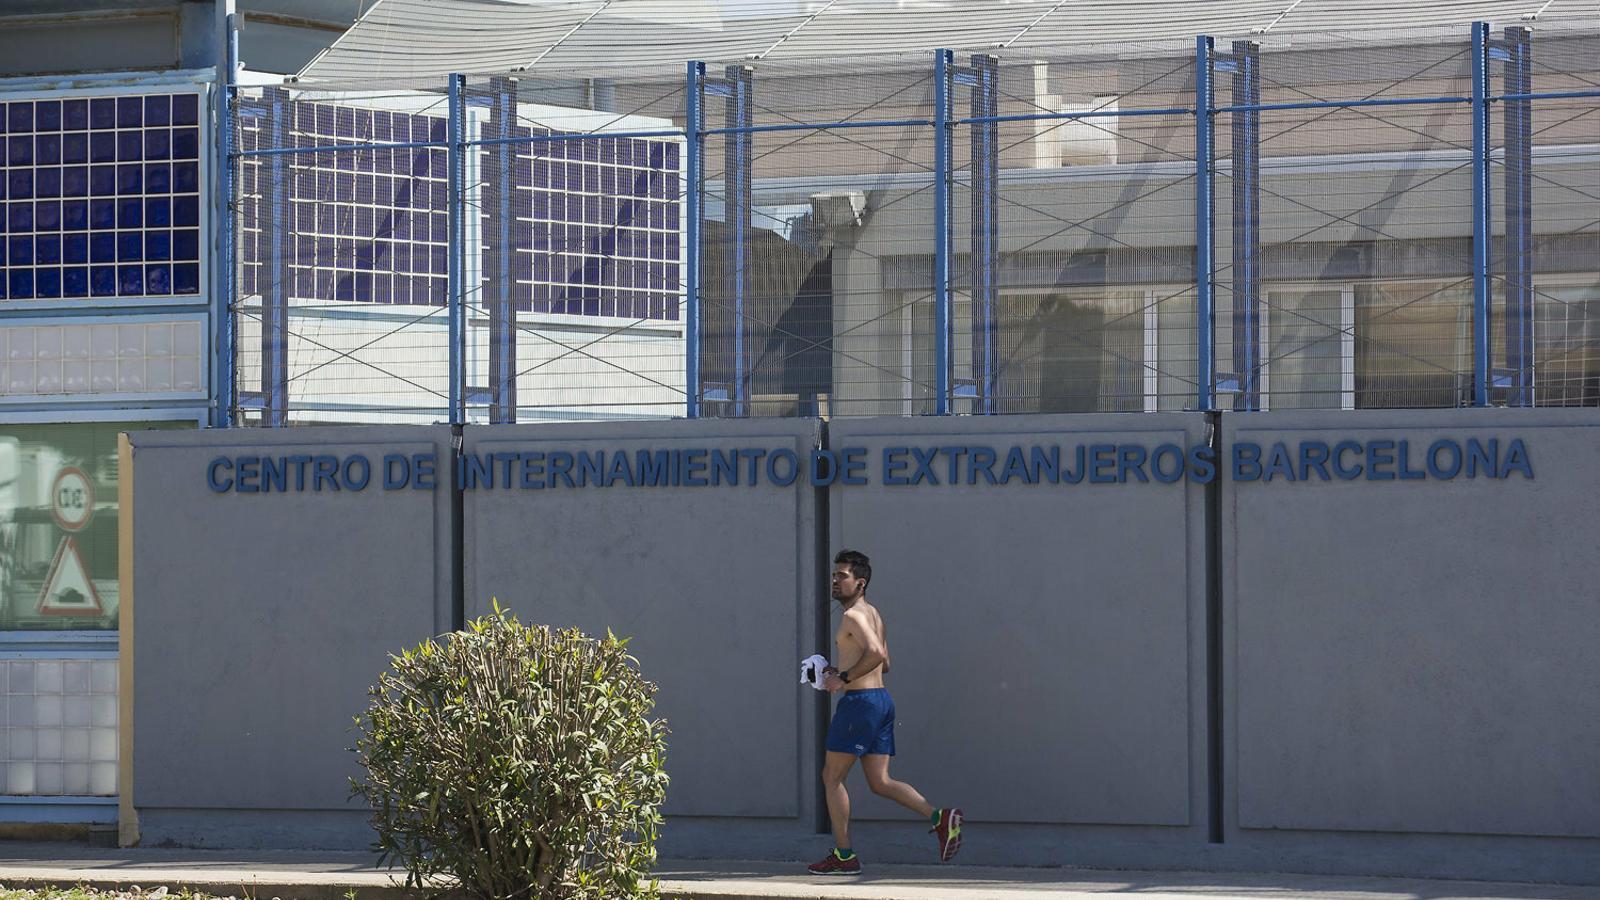 Retenen al CIE de Barcelona durant 60 dies un noi que acredita ser menor